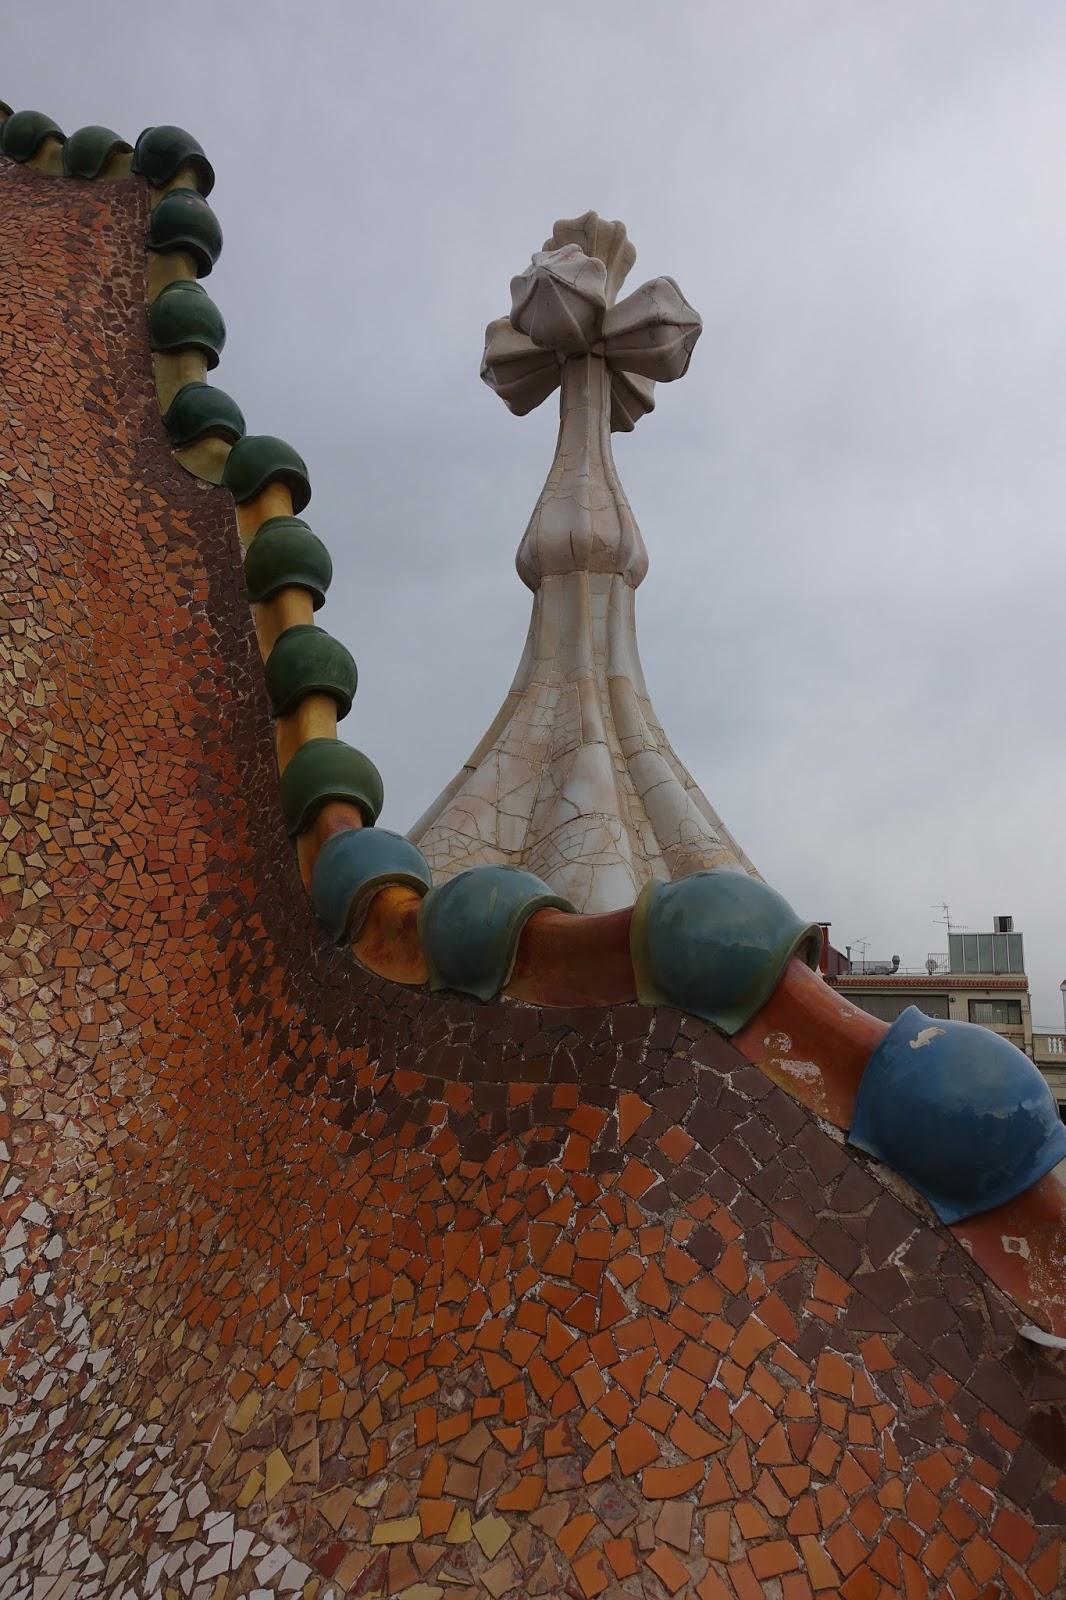 カサ・バトリョ(Casa Batlló) 「ドラゴンの背中」と「4本腕の十字架」